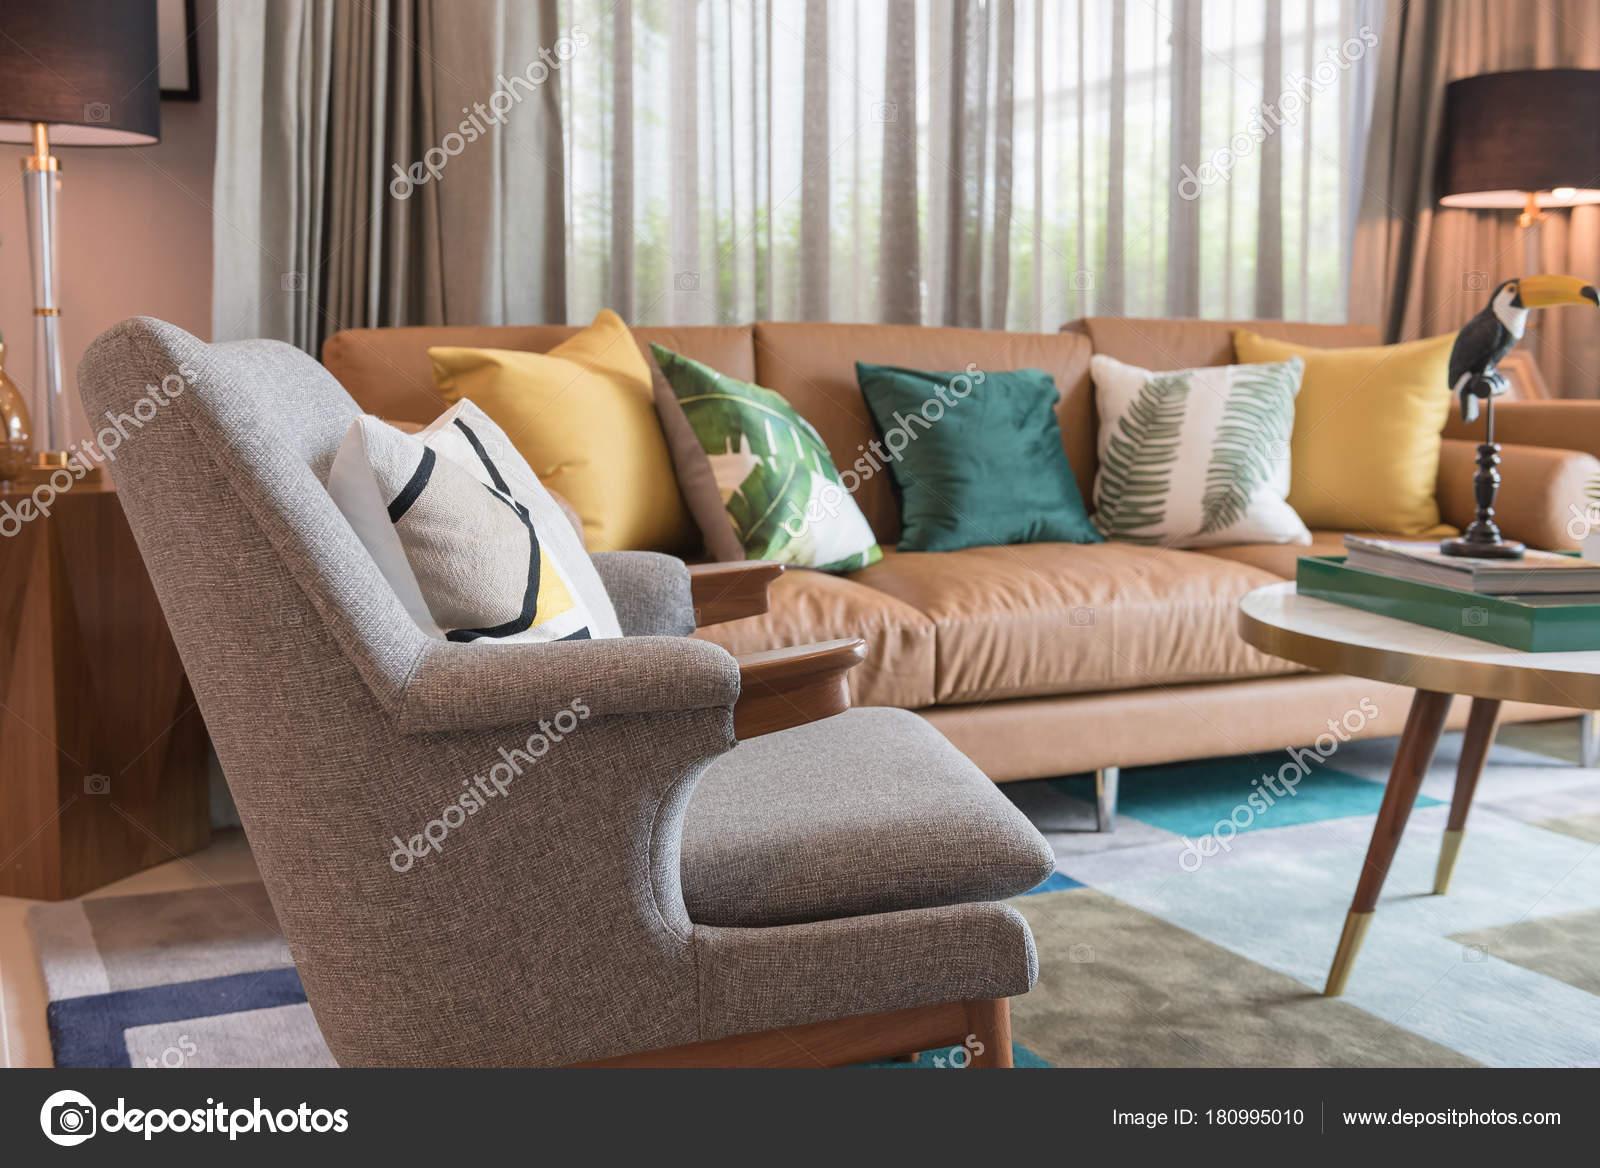 Hochwertig Moderne Wohnzimmer Stil Mit Kissen Auf Braunen Sofa Inneneinrichtung Design  U2014 Stockfoto